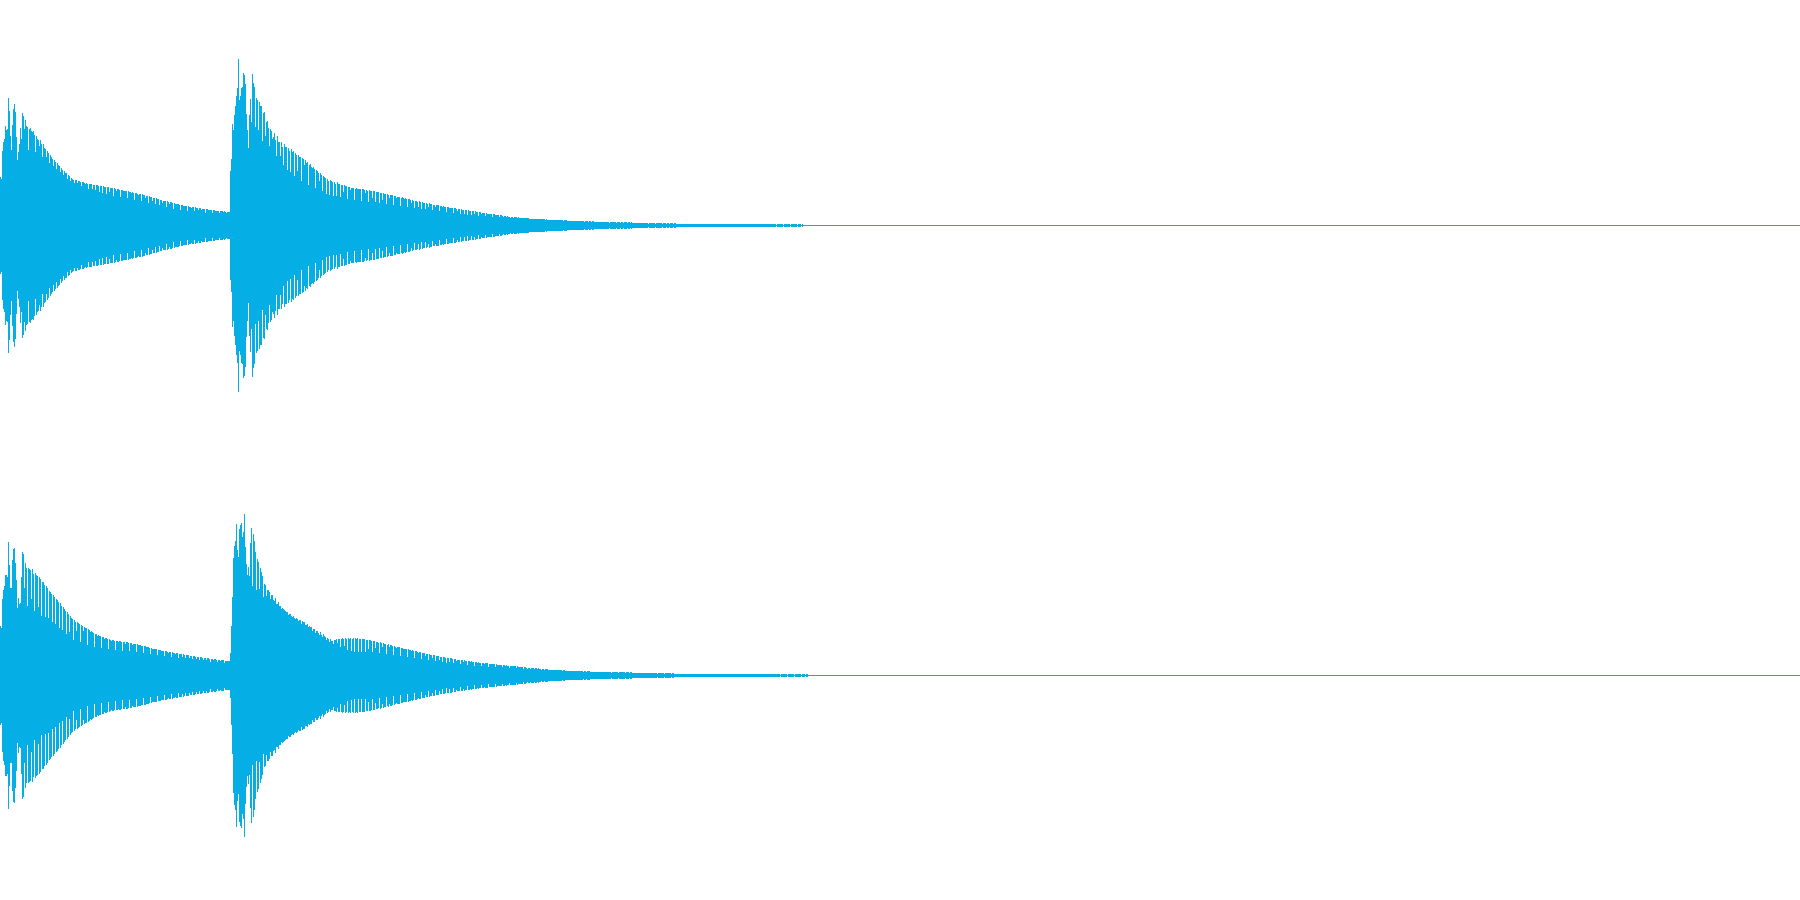 システム音/ピピン/電子音/タイプCの再生済みの波形